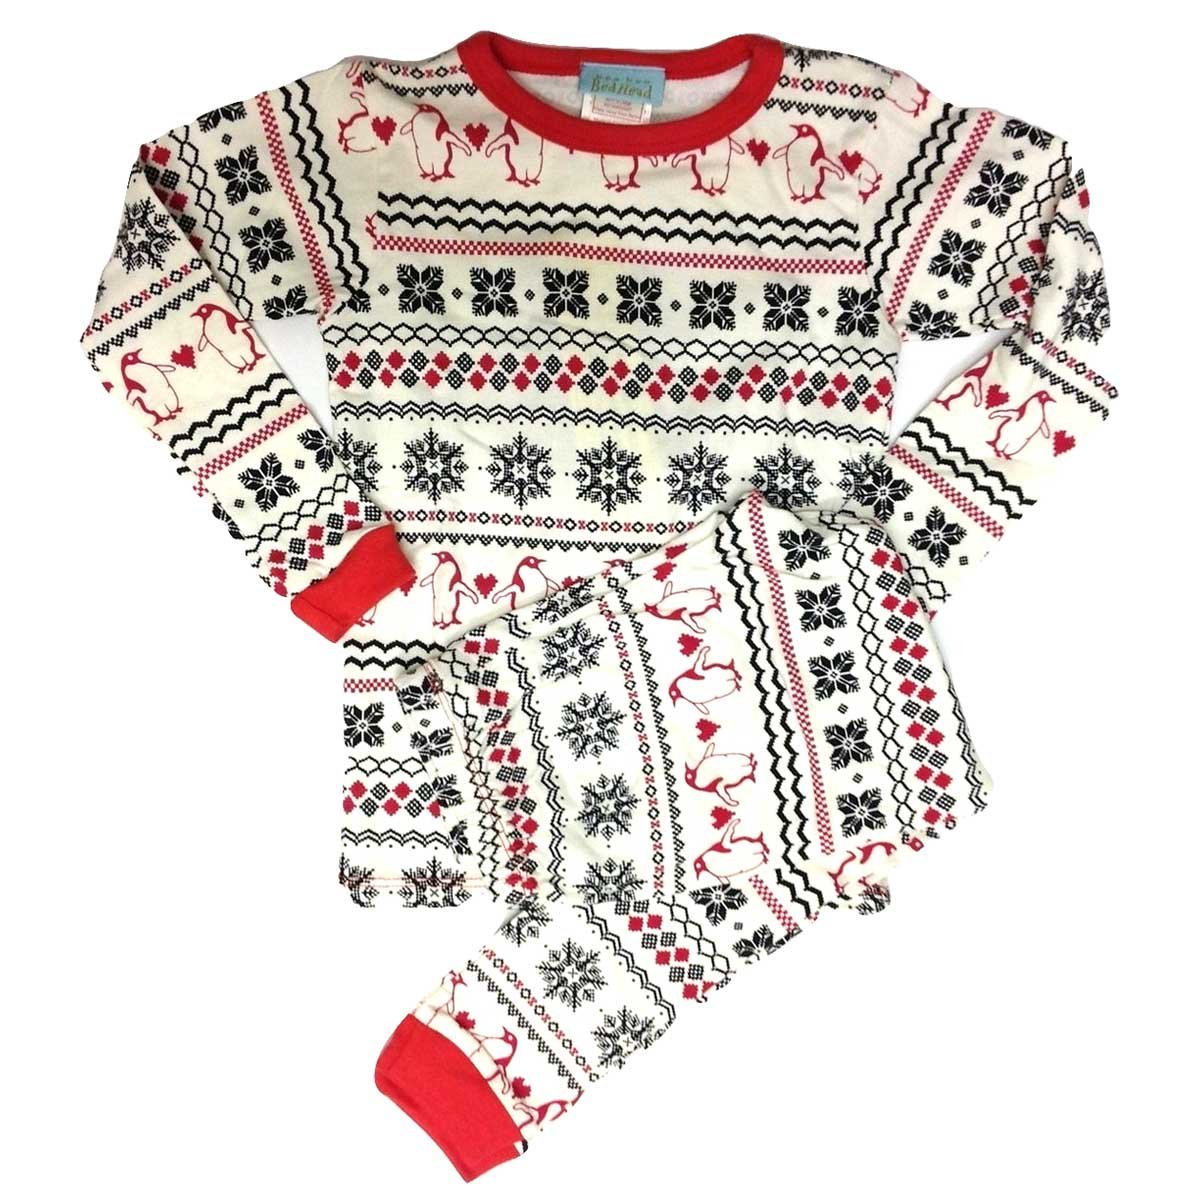 満点の [BedHead Penguin Pajamas (ベッドヘッドパジャマズ)] パジャマ キッズ こども 長袖 8(130cm) ストレッチ Penguin [BedHead Fairisle 8(130cm) B00PRX18SI, チェリーホップ:3de3dc79 --- a0267596.xsph.ru